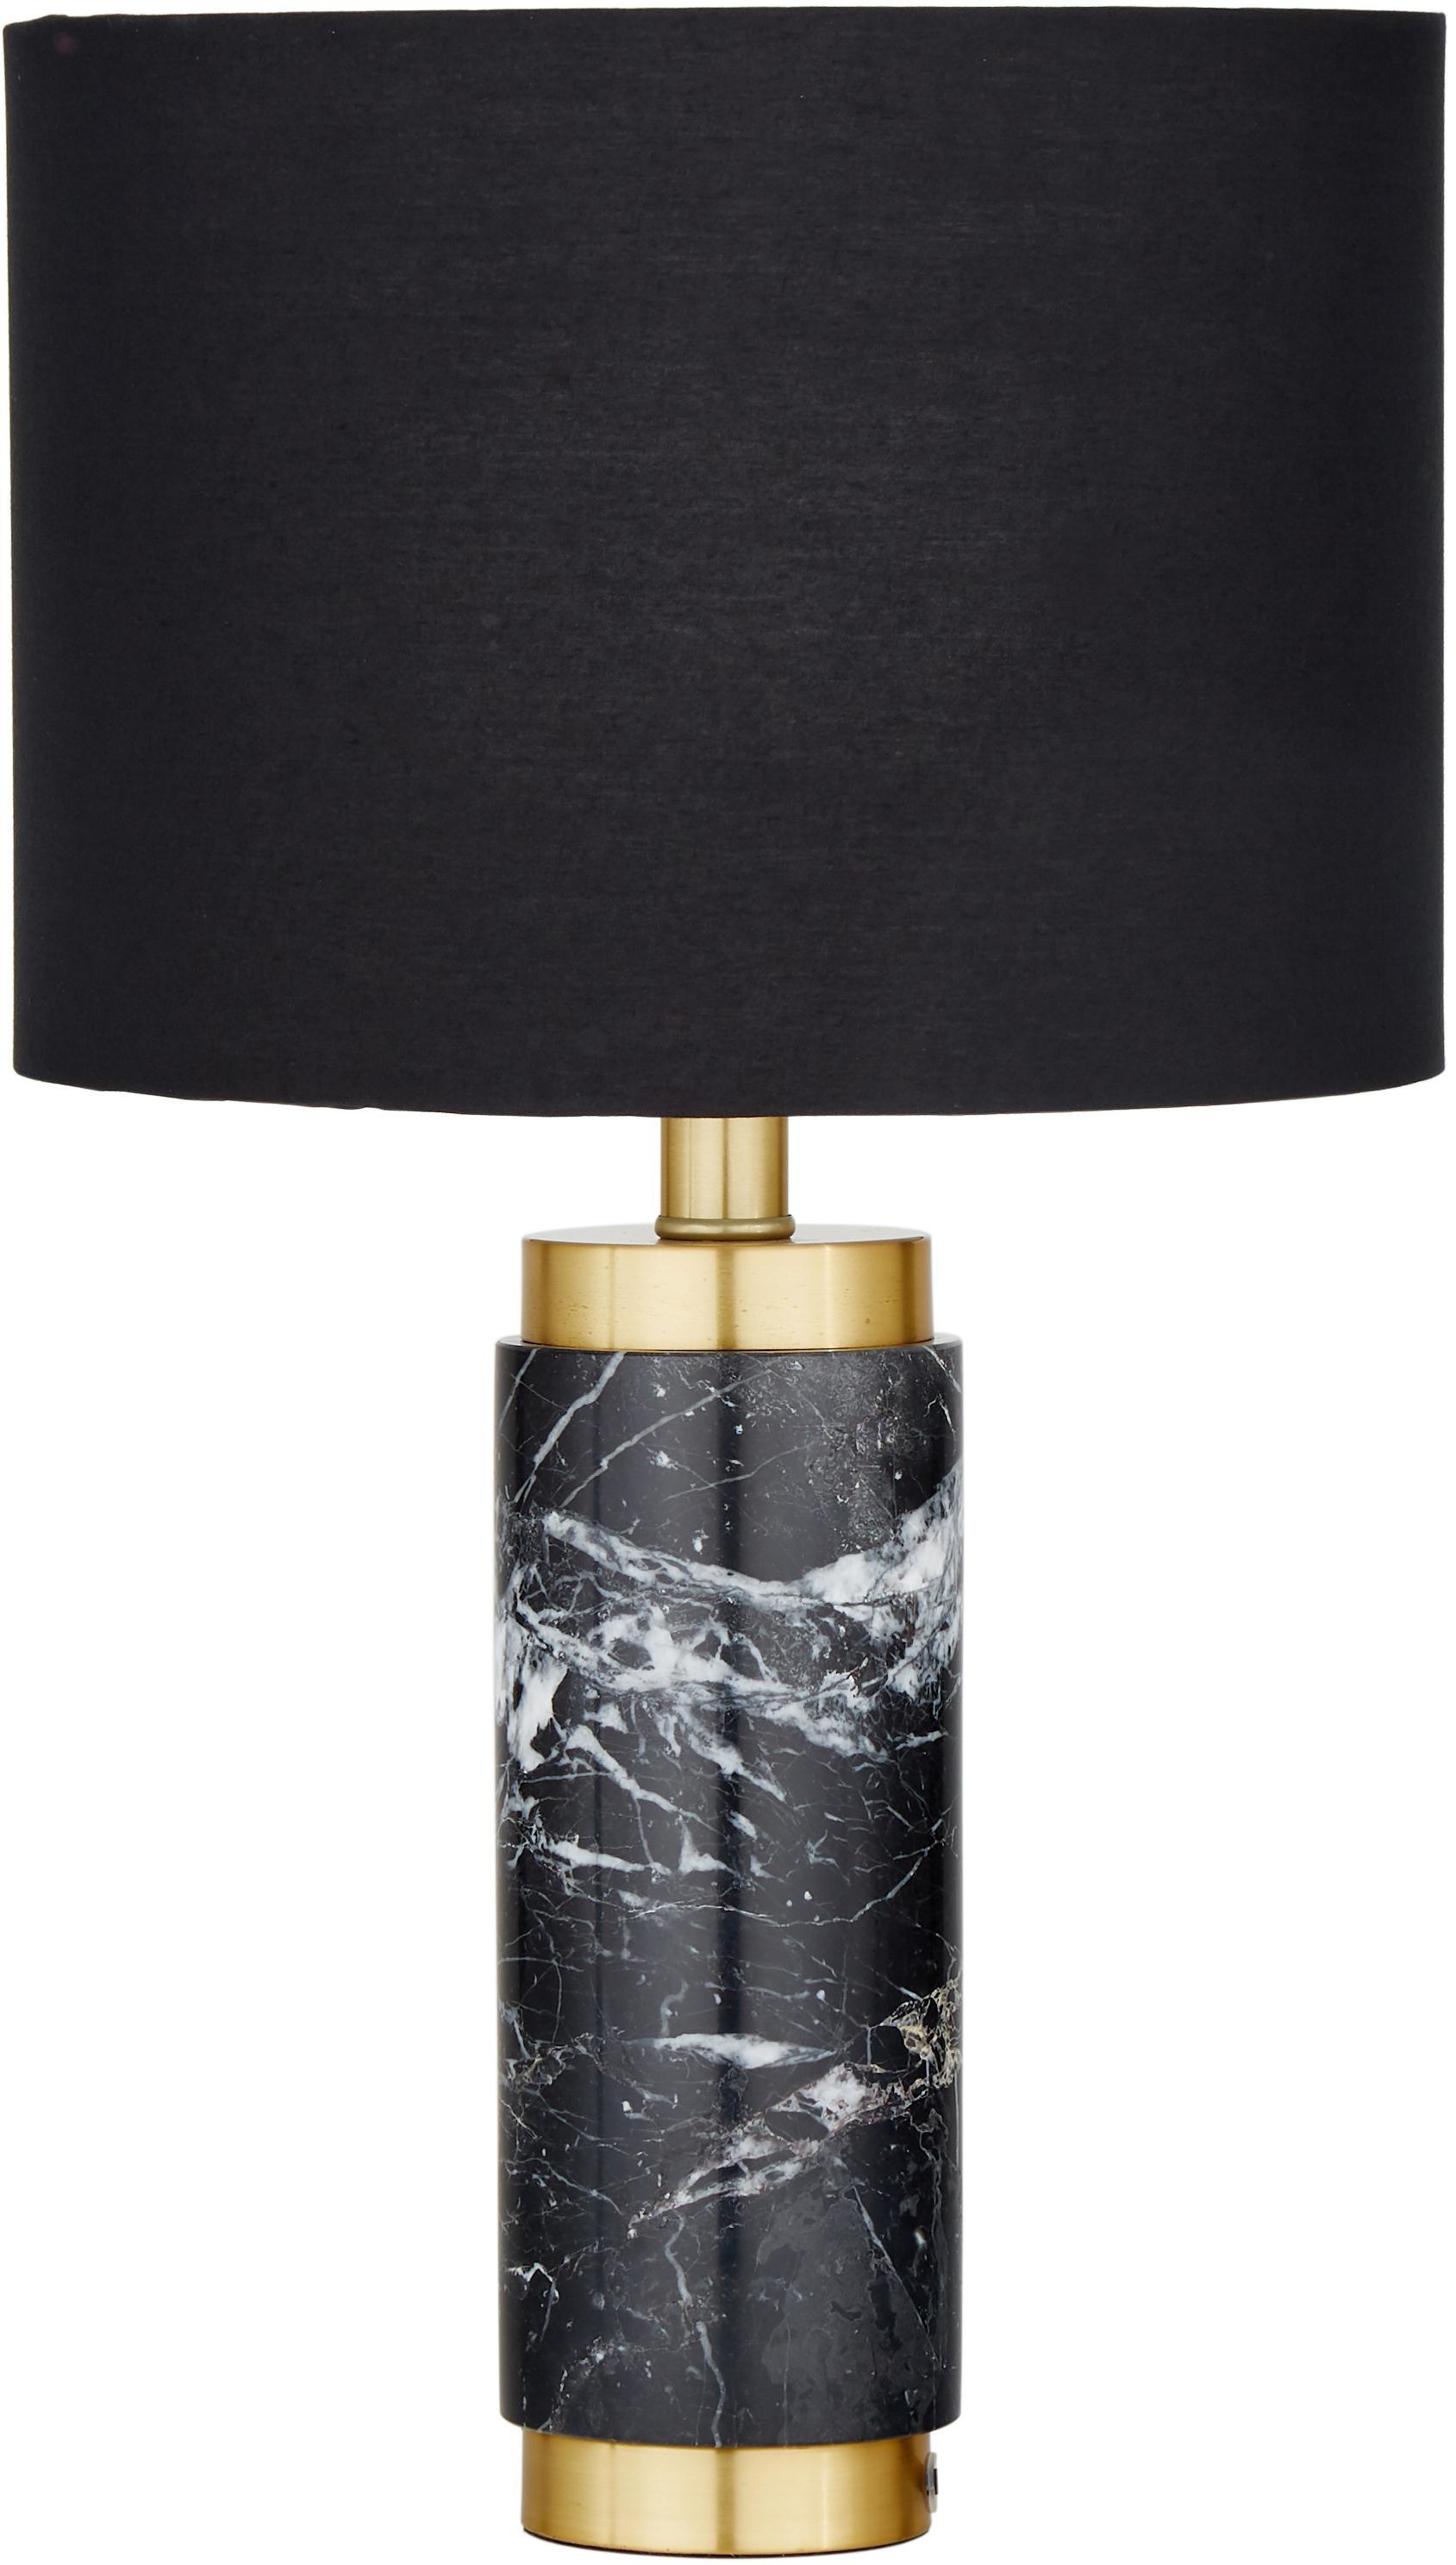 Lampada da tavolo in marmo Miranda, Paralume: tessuto, Base della lampada: marmo, ottone spazzolato, Bianco, marmo nero, Ø 28 x Alt. 48 cm